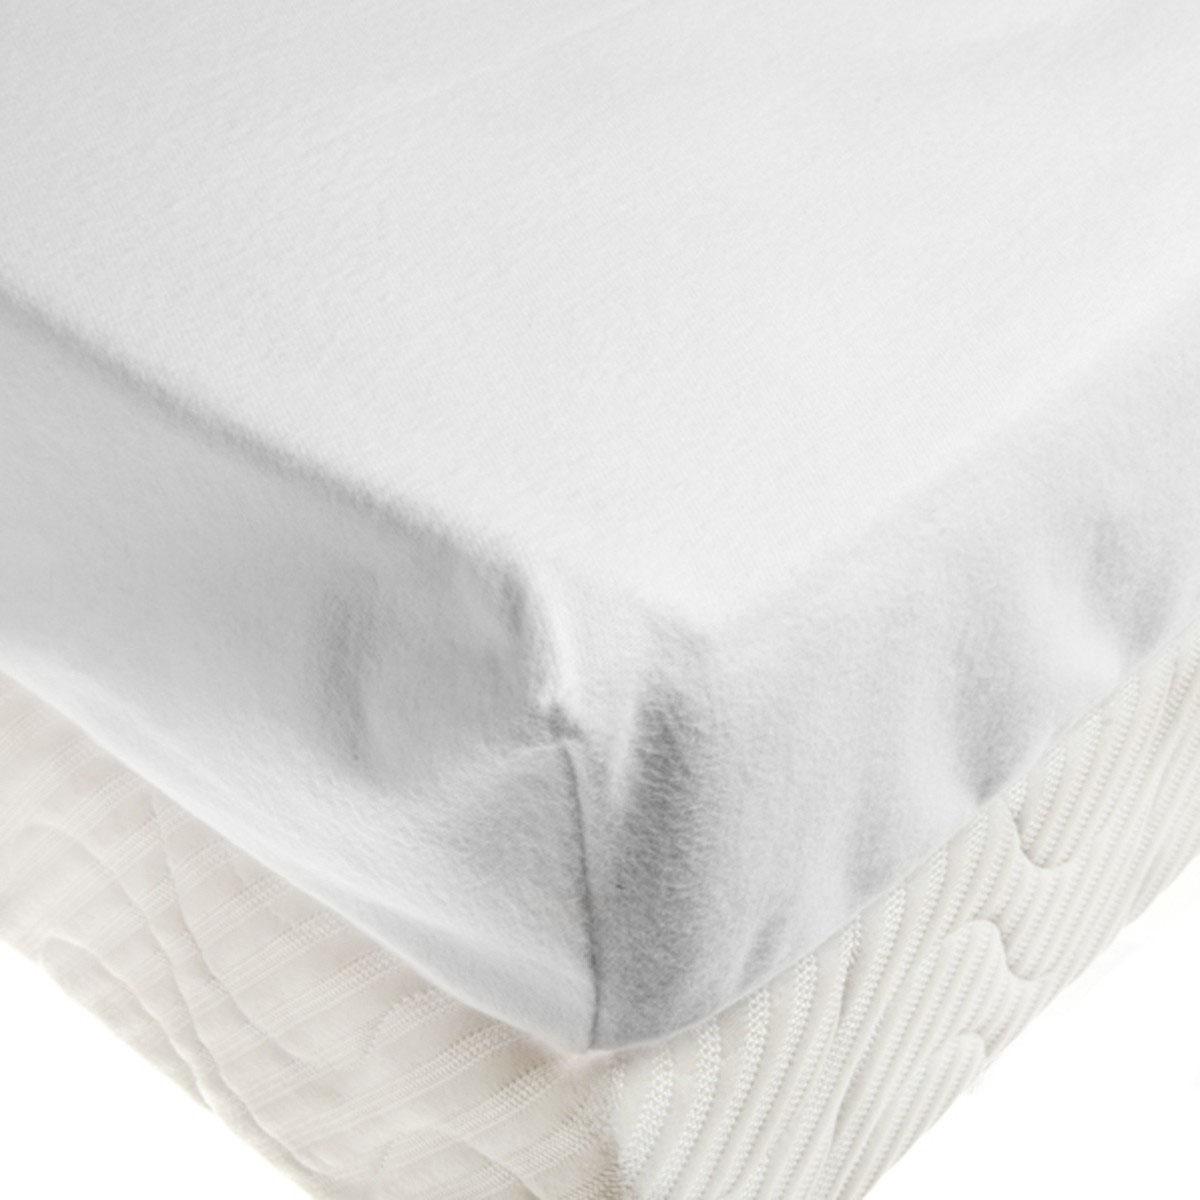 Protège-matelas bébé en coton bio blanc 60x120 cm